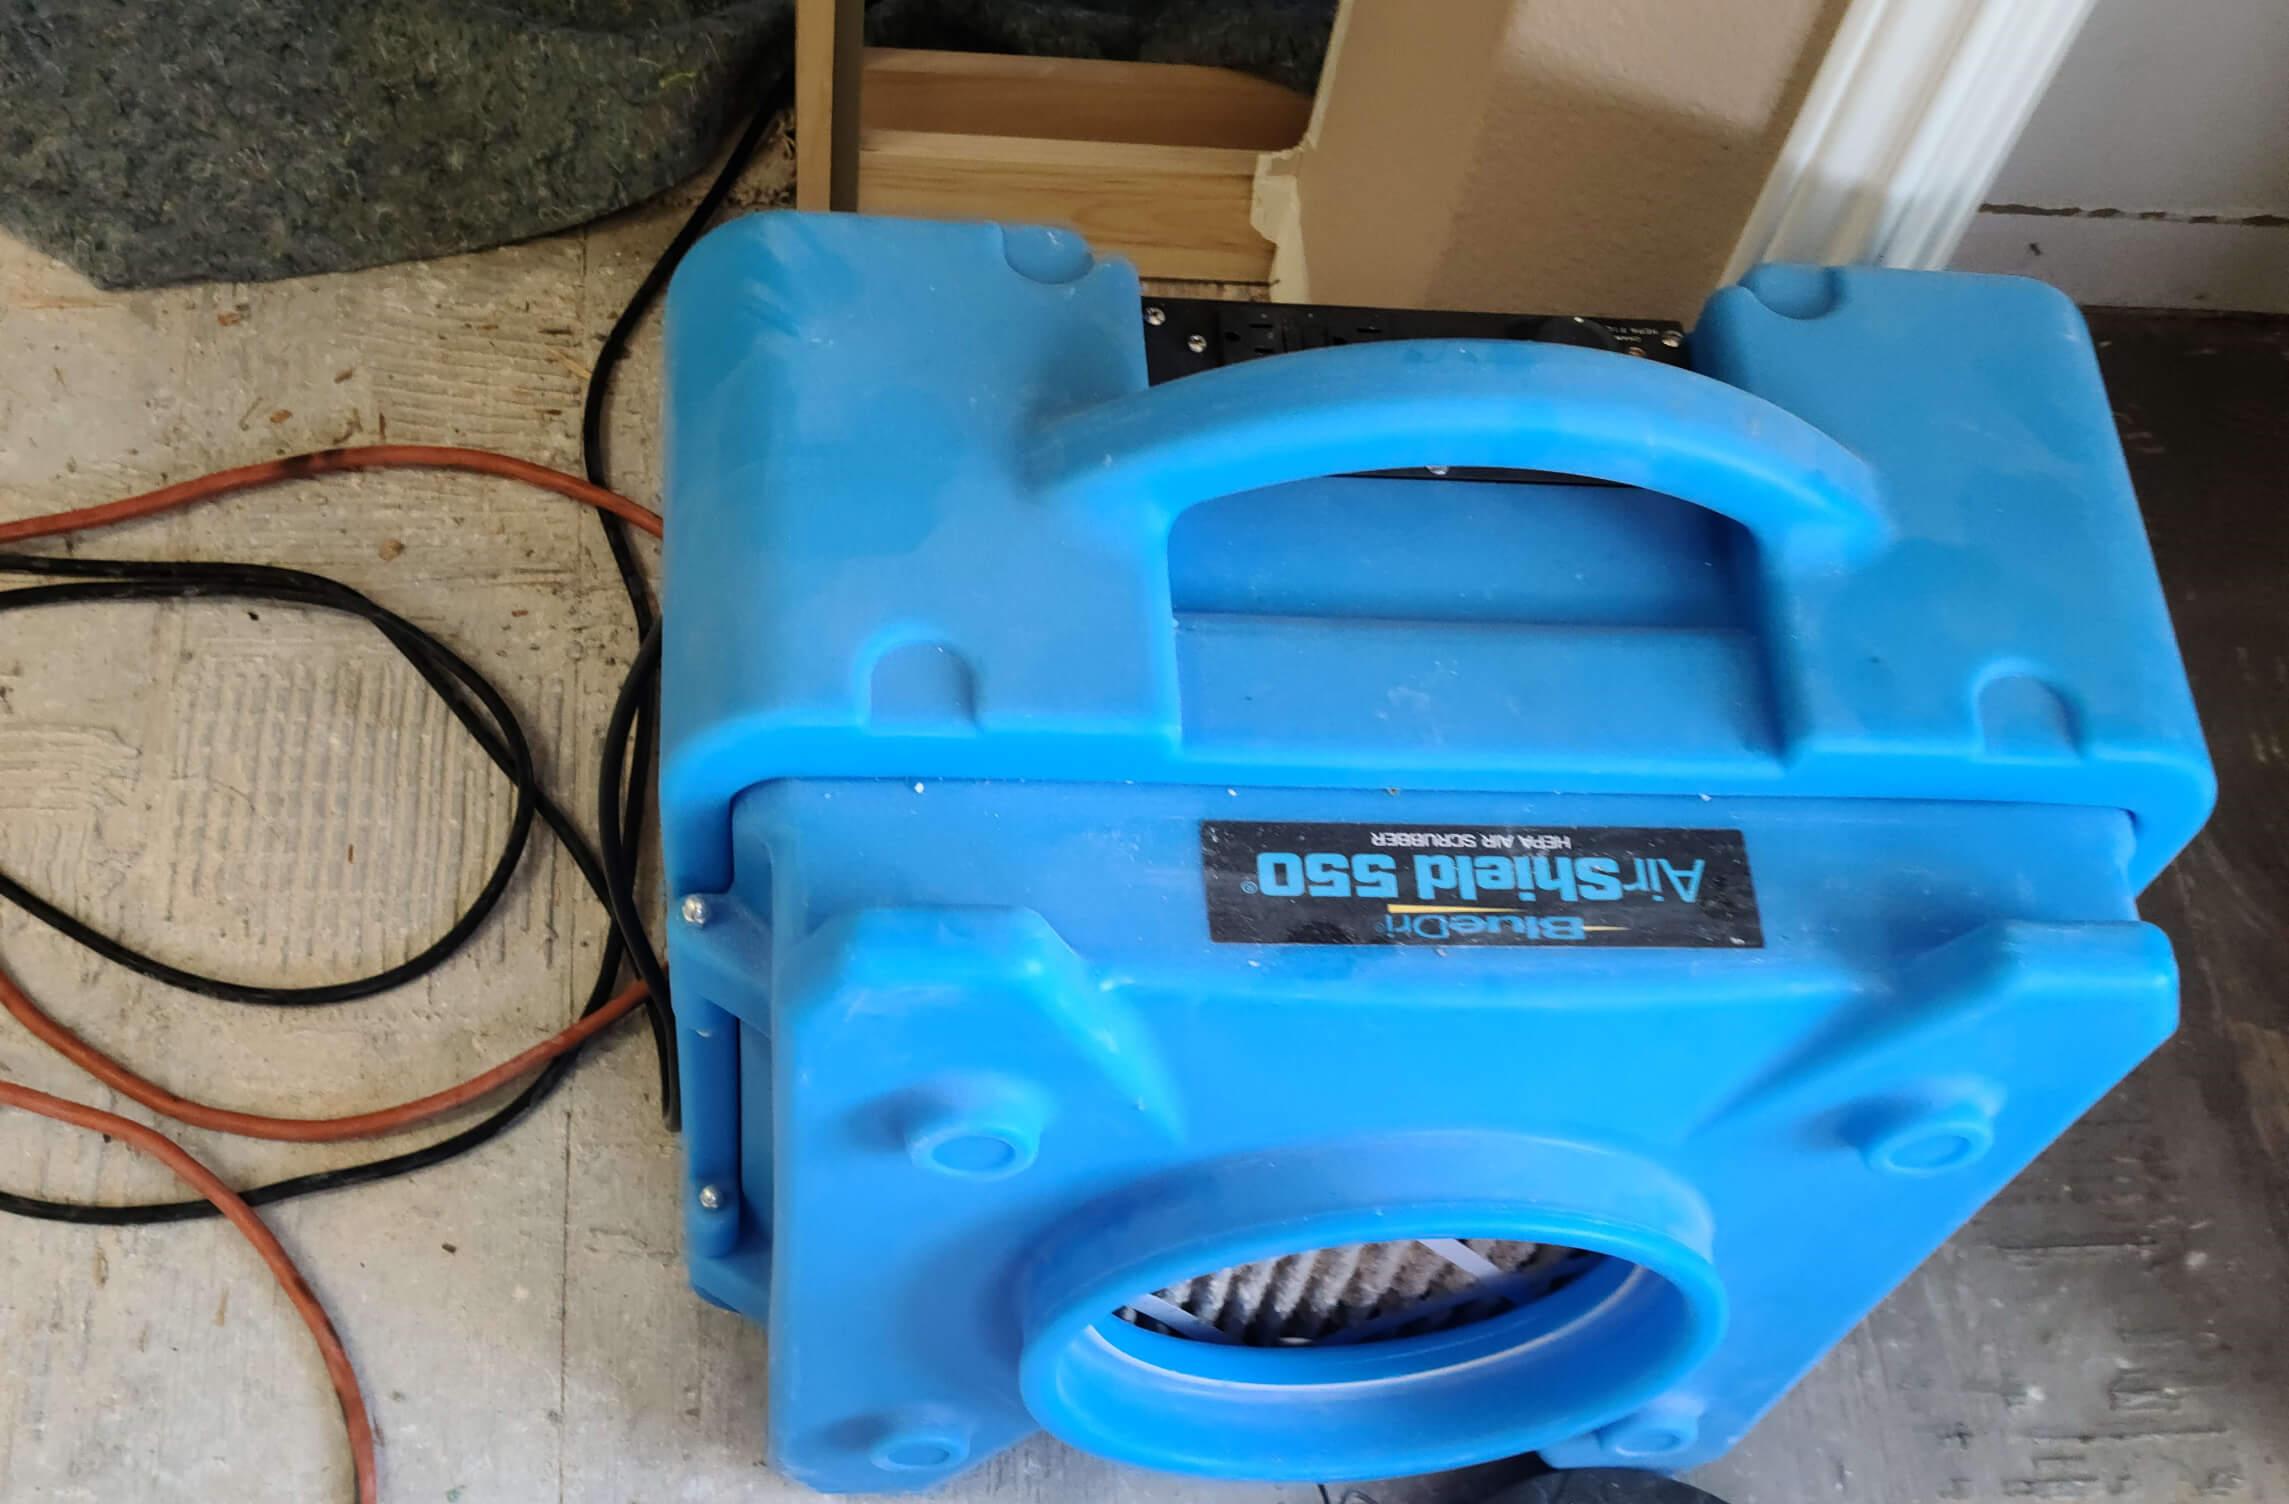 A blue air scrubber